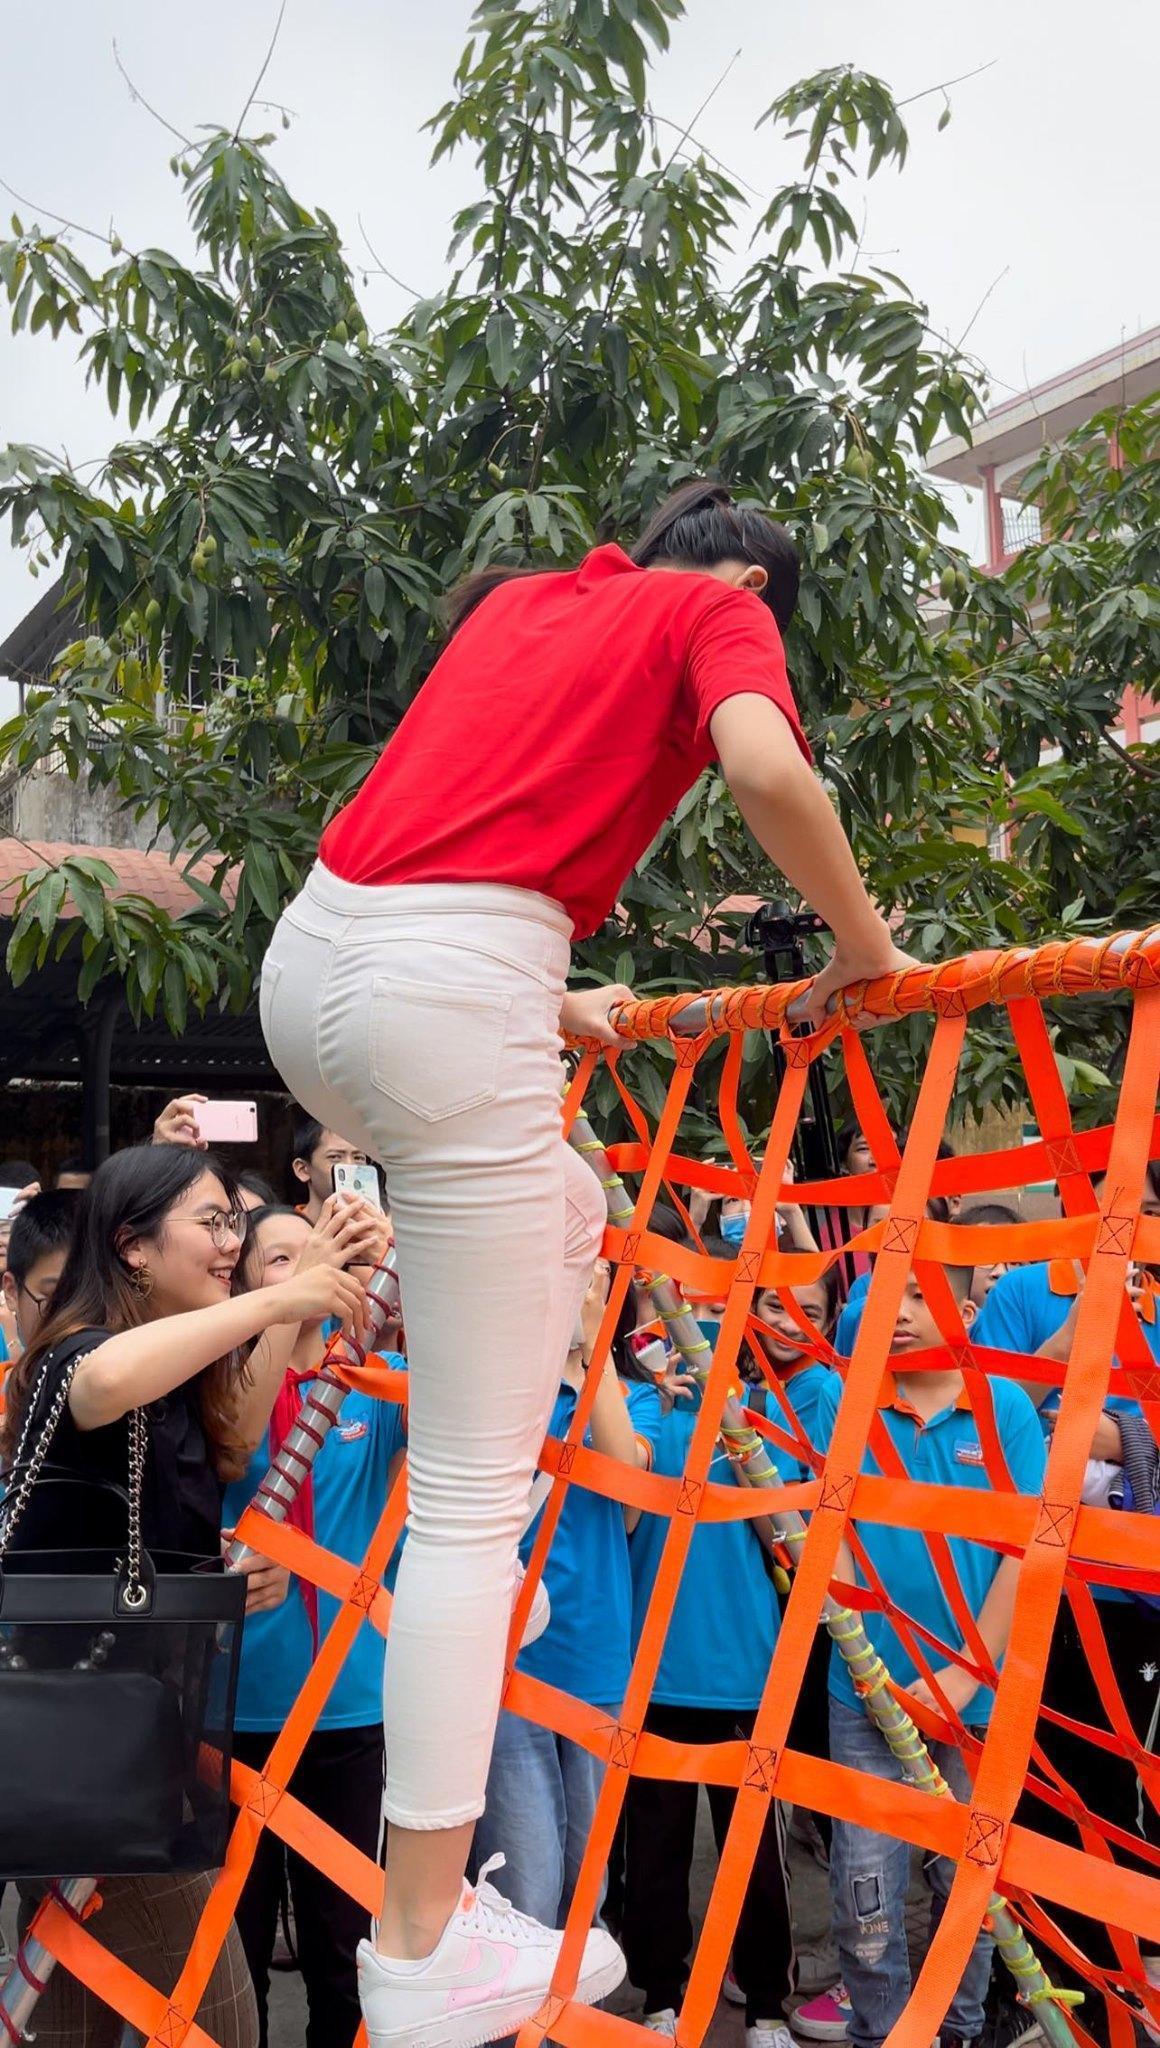 Teen chụp Hoa hậu Đỗ Thị Hà về trường giao lưu, ai nấy đều trầm trồ: 'Đẹp không góc chết!' Ảnh 5